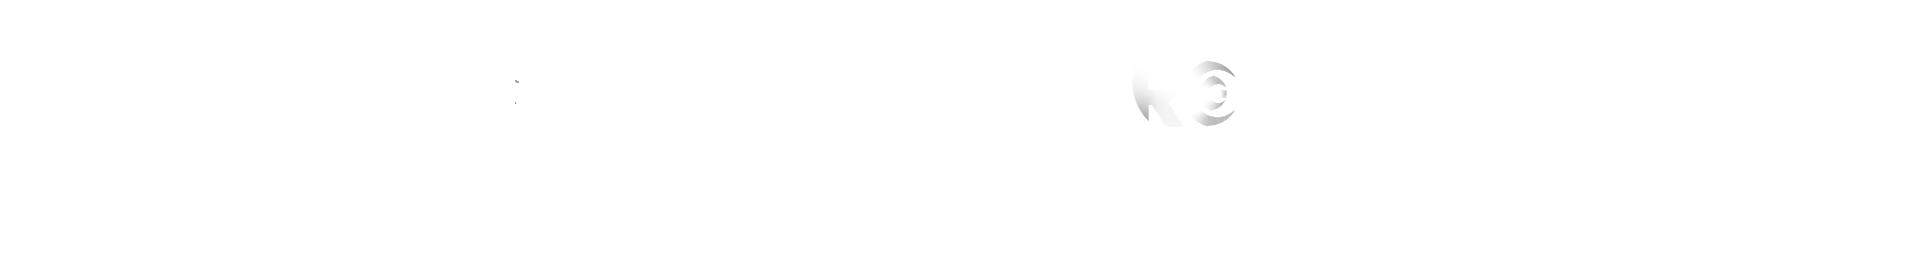 Certificaciones de calidad. Bionest.